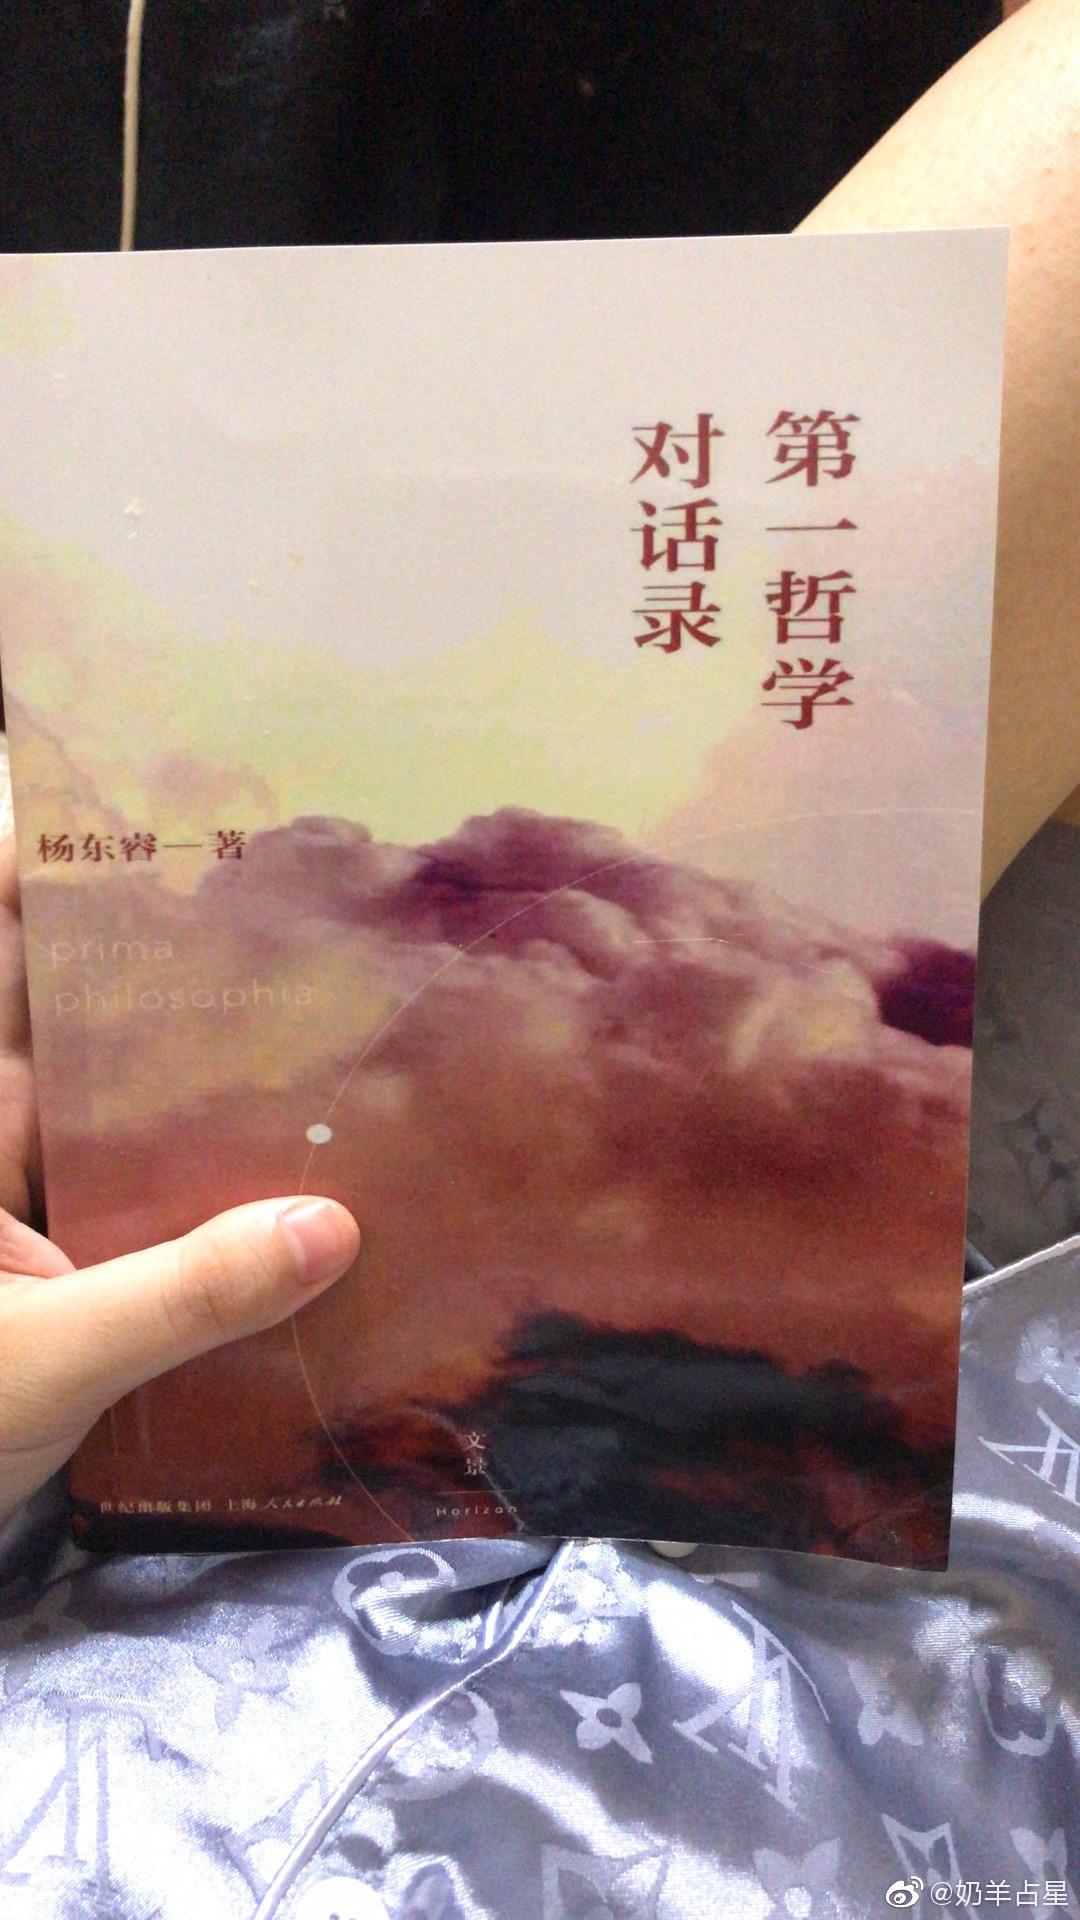 《第一哲学对话录》强烈推荐这本书!!!一口气看完了!!